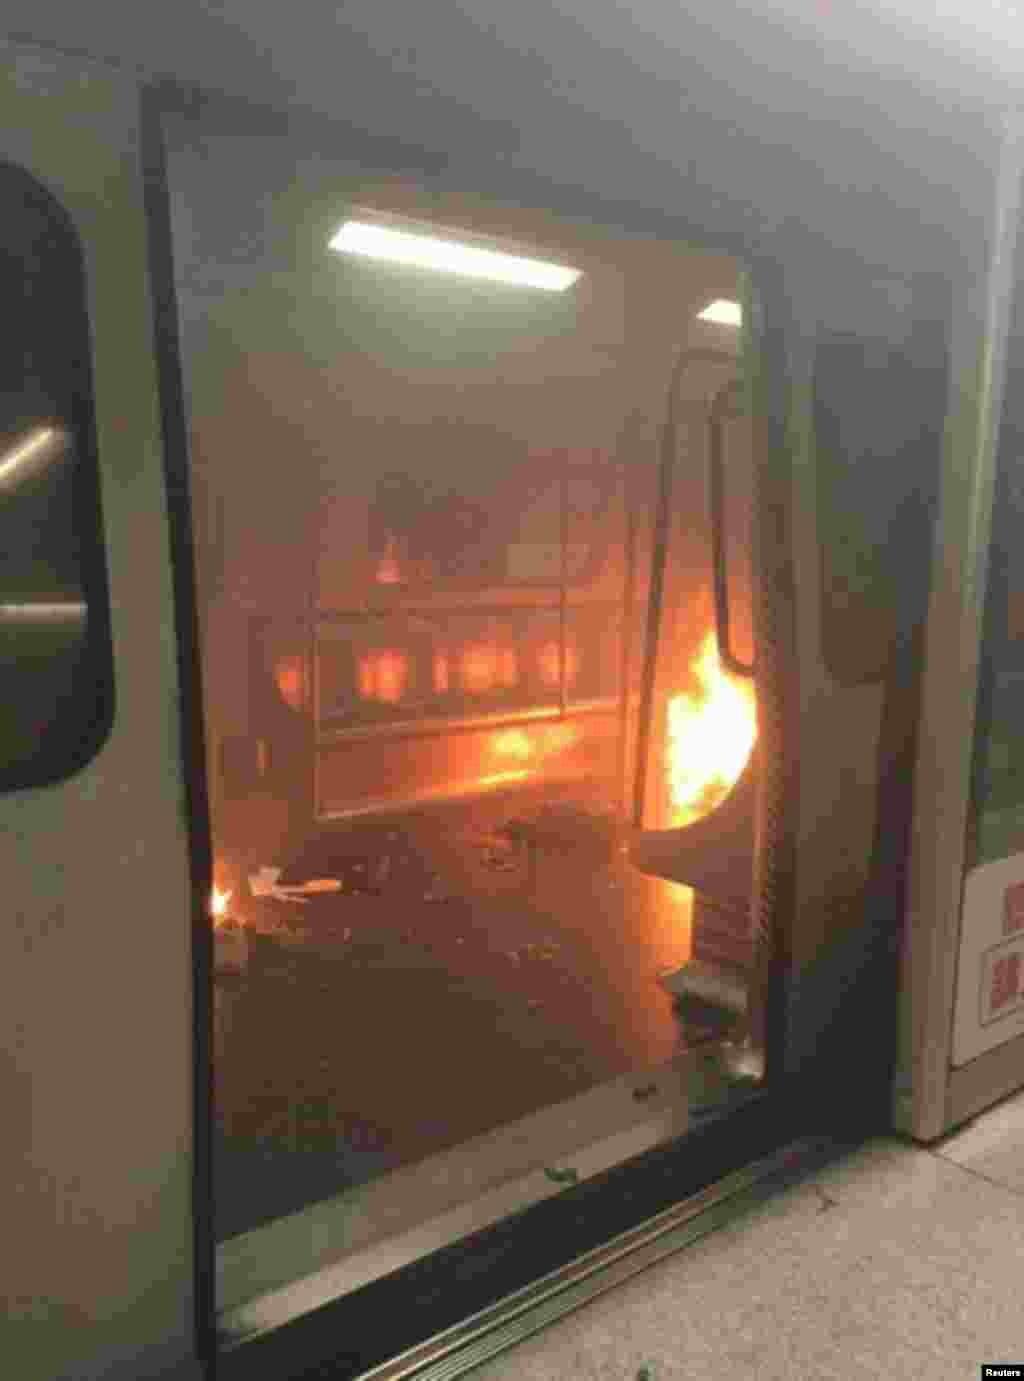 آتش زدن مترو توسط یک مرد در هنگ کنگ؛ پلیس می گوید اقدام او تروریستی نیست.